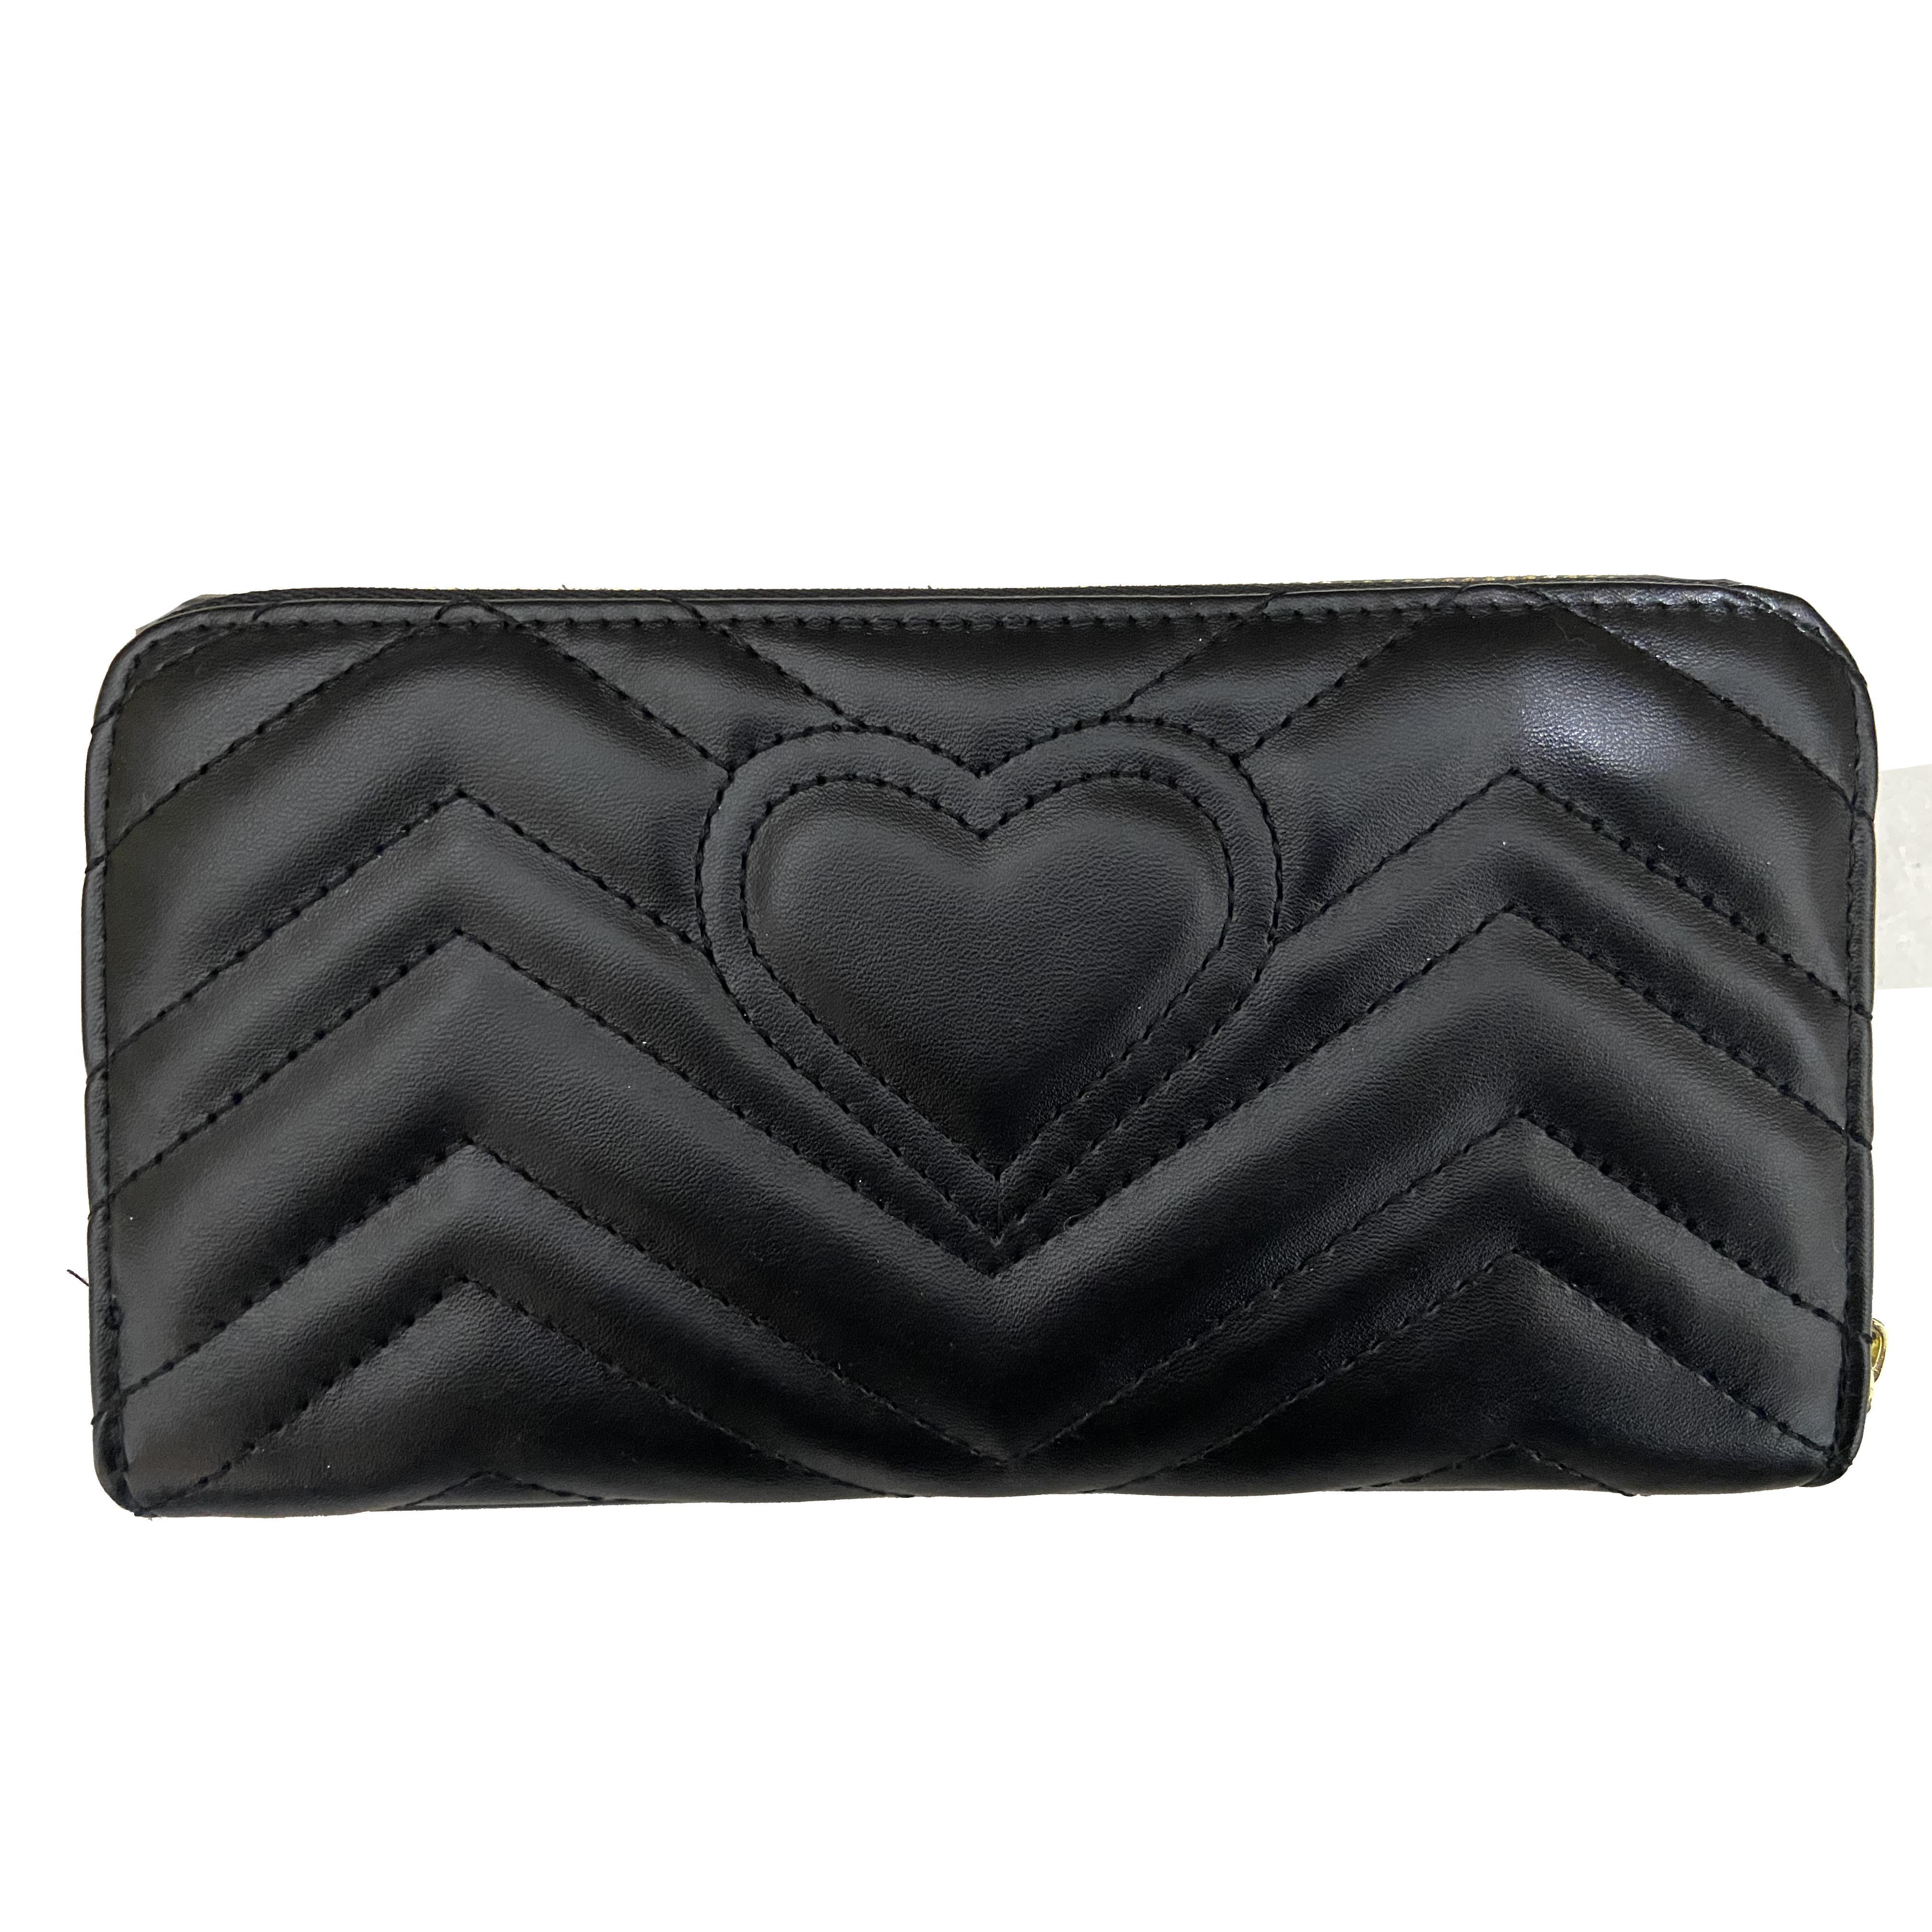 أحدث مصمم محفظة للنساء العلامة التجارية محفظة طويلة محفظة للسيدات حقيبة مخلب الأزياء مع مربع مصمم billetra